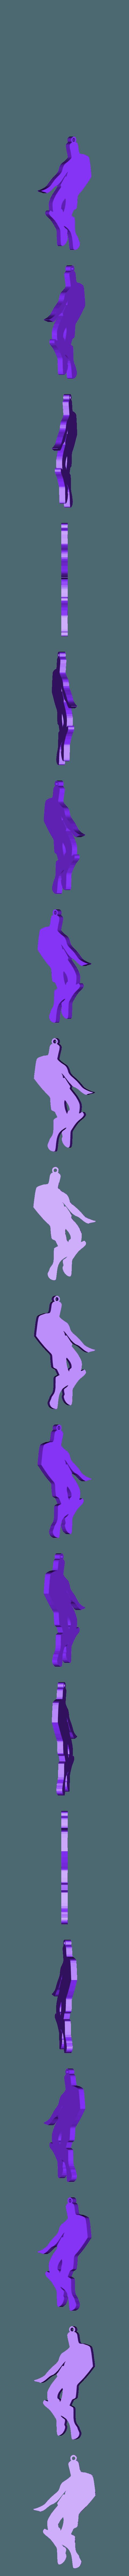 MENEO (WIGGLE).stl Télécharger fichier STL gratuit WIGGLE - PORTE-CLÉS FORTNITE DANCE • Design à imprimer en 3D, MagnusBee